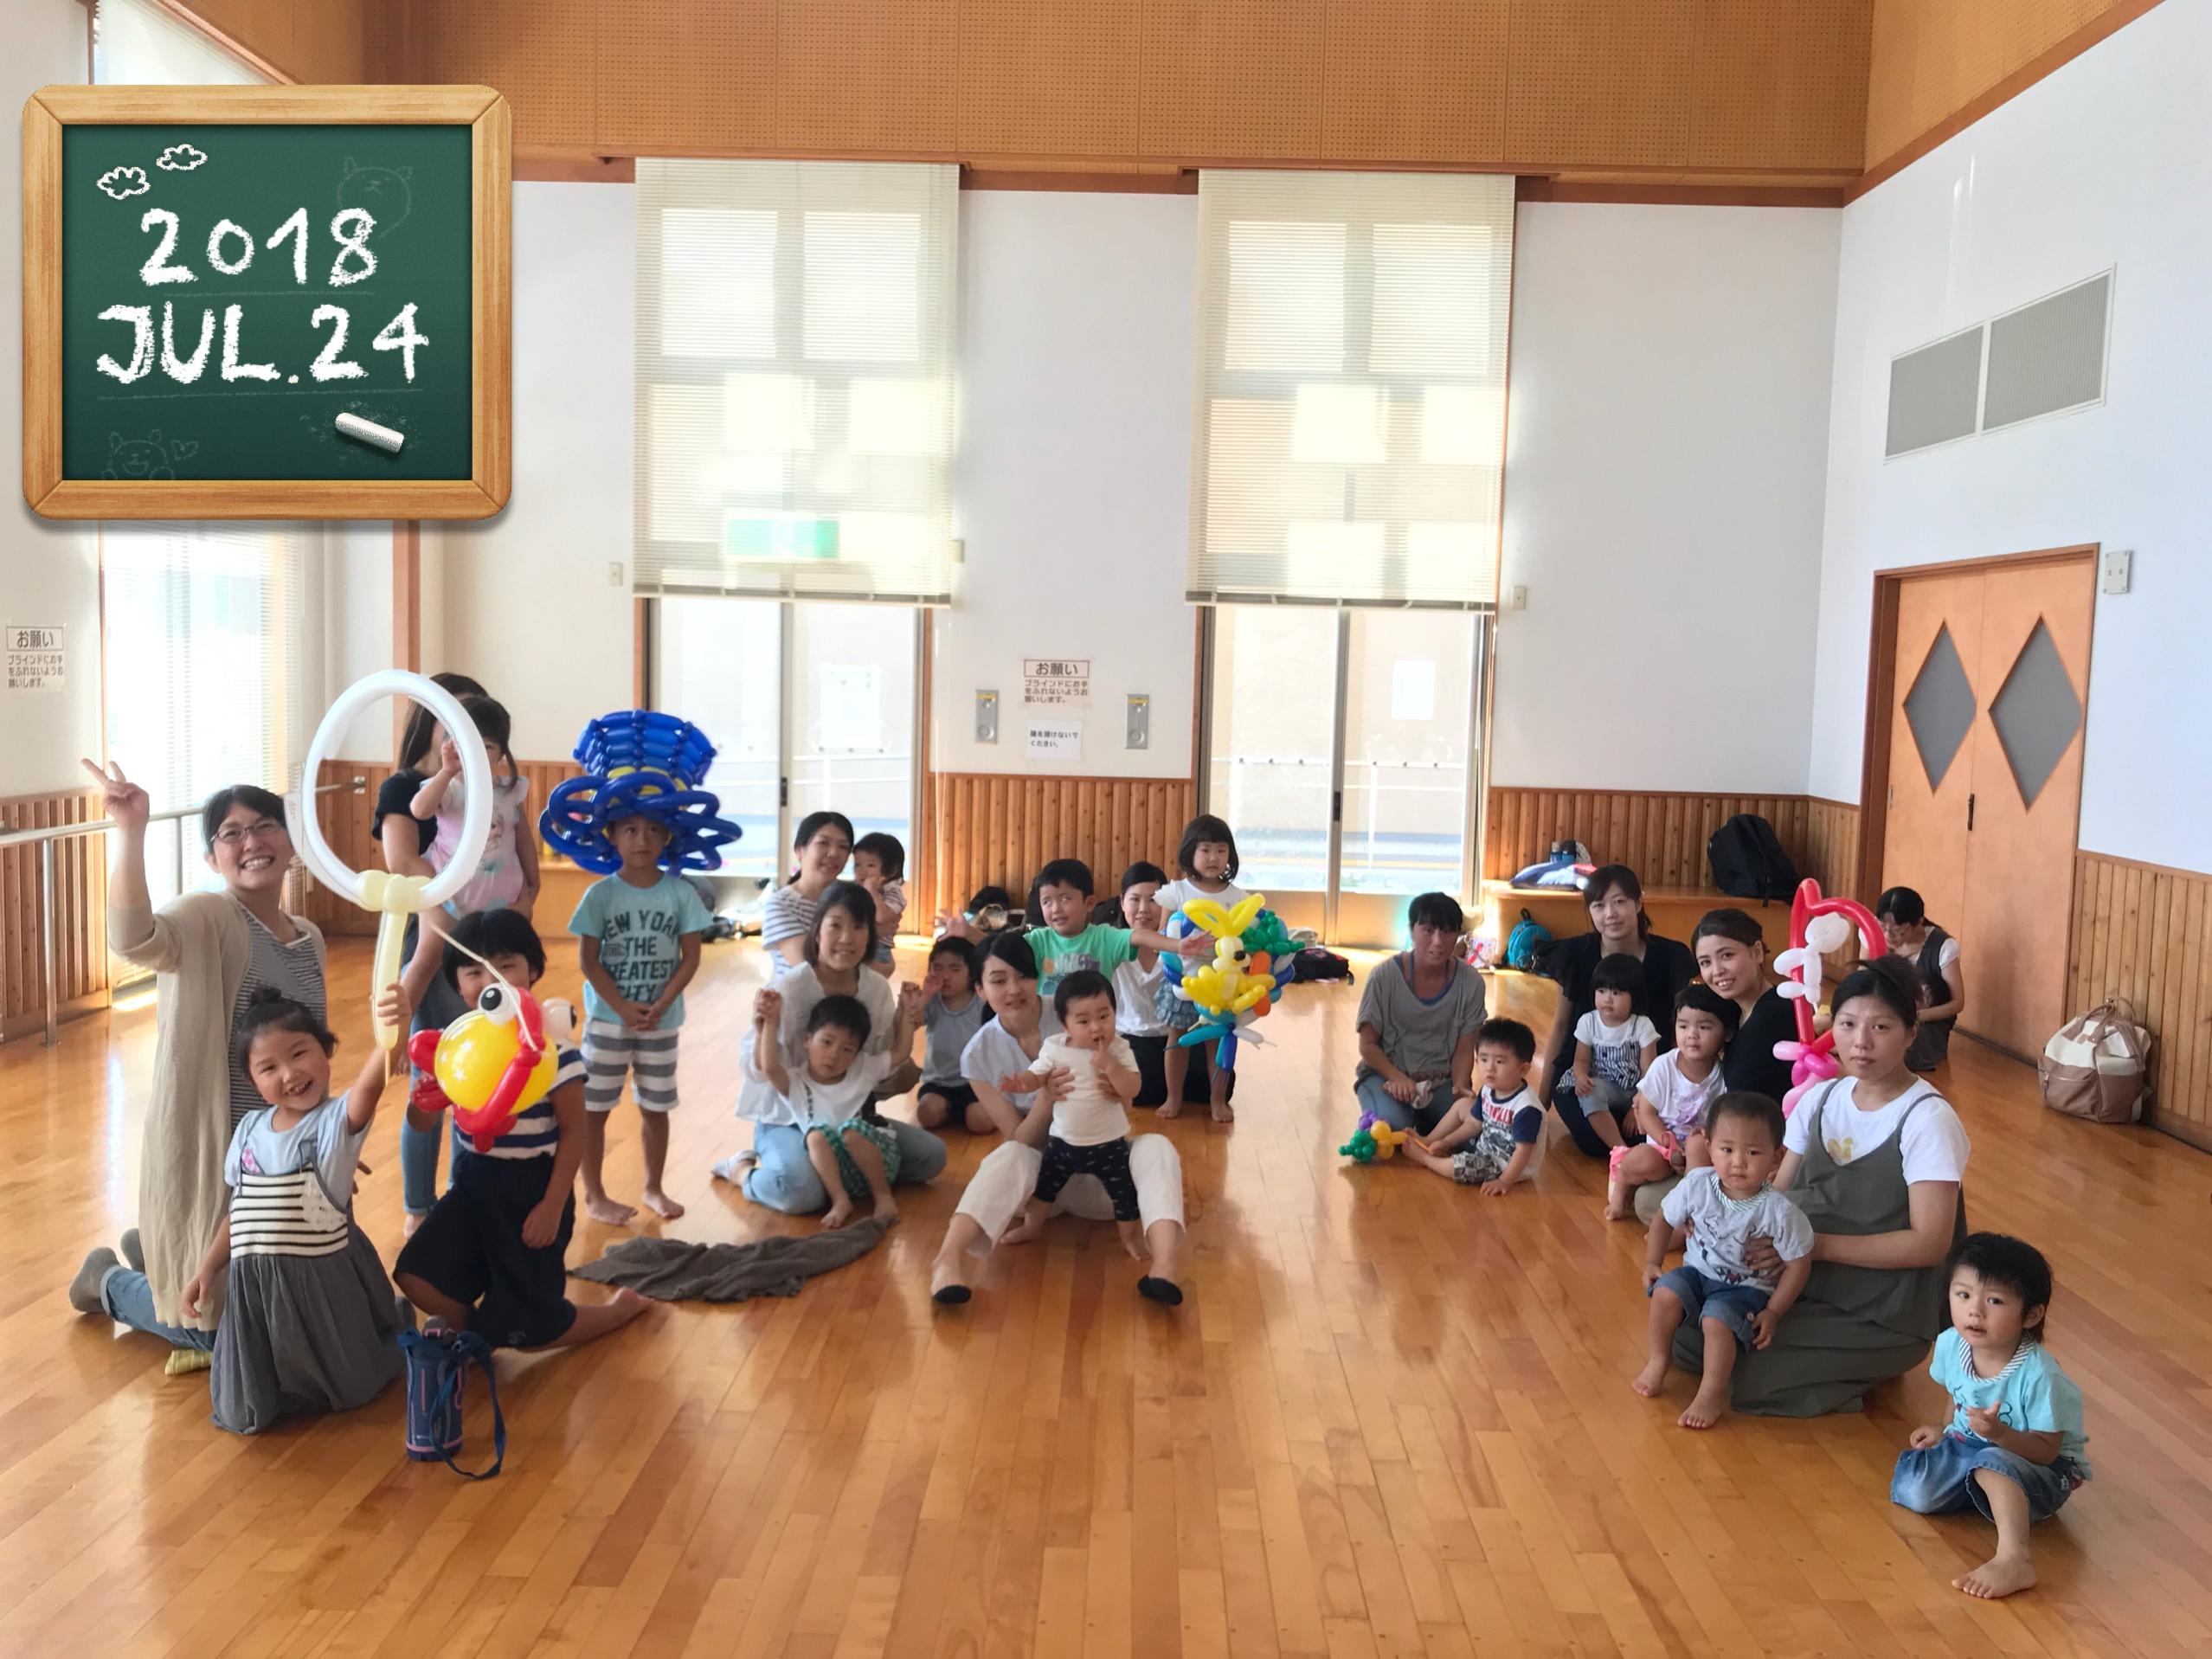 福田ひまわりクラブさん〜2018.7.24〜